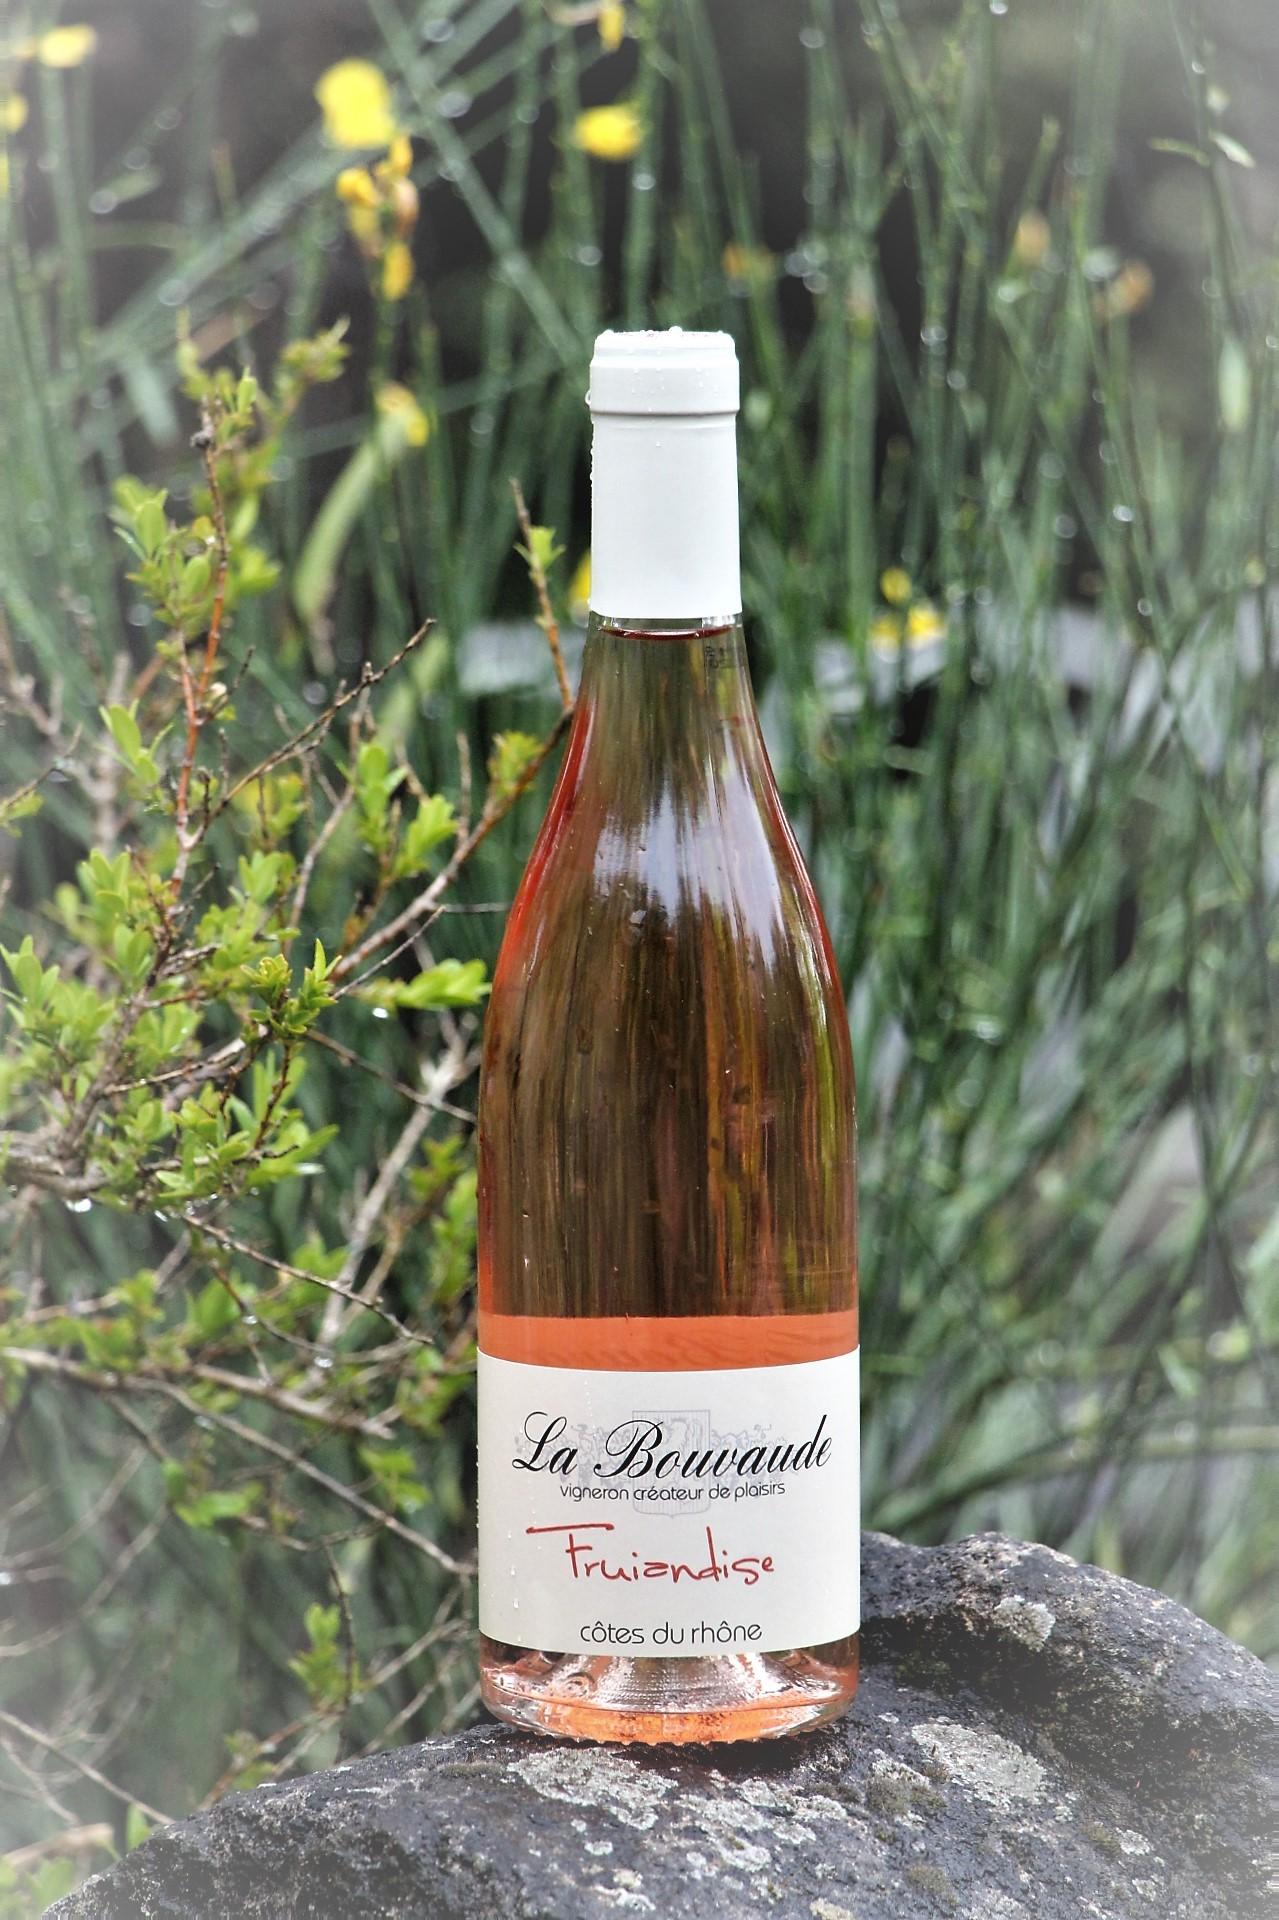 Bouteille de vin rosé posée sur un rocher La Bouvaude Fruiandise Rousset les vignes